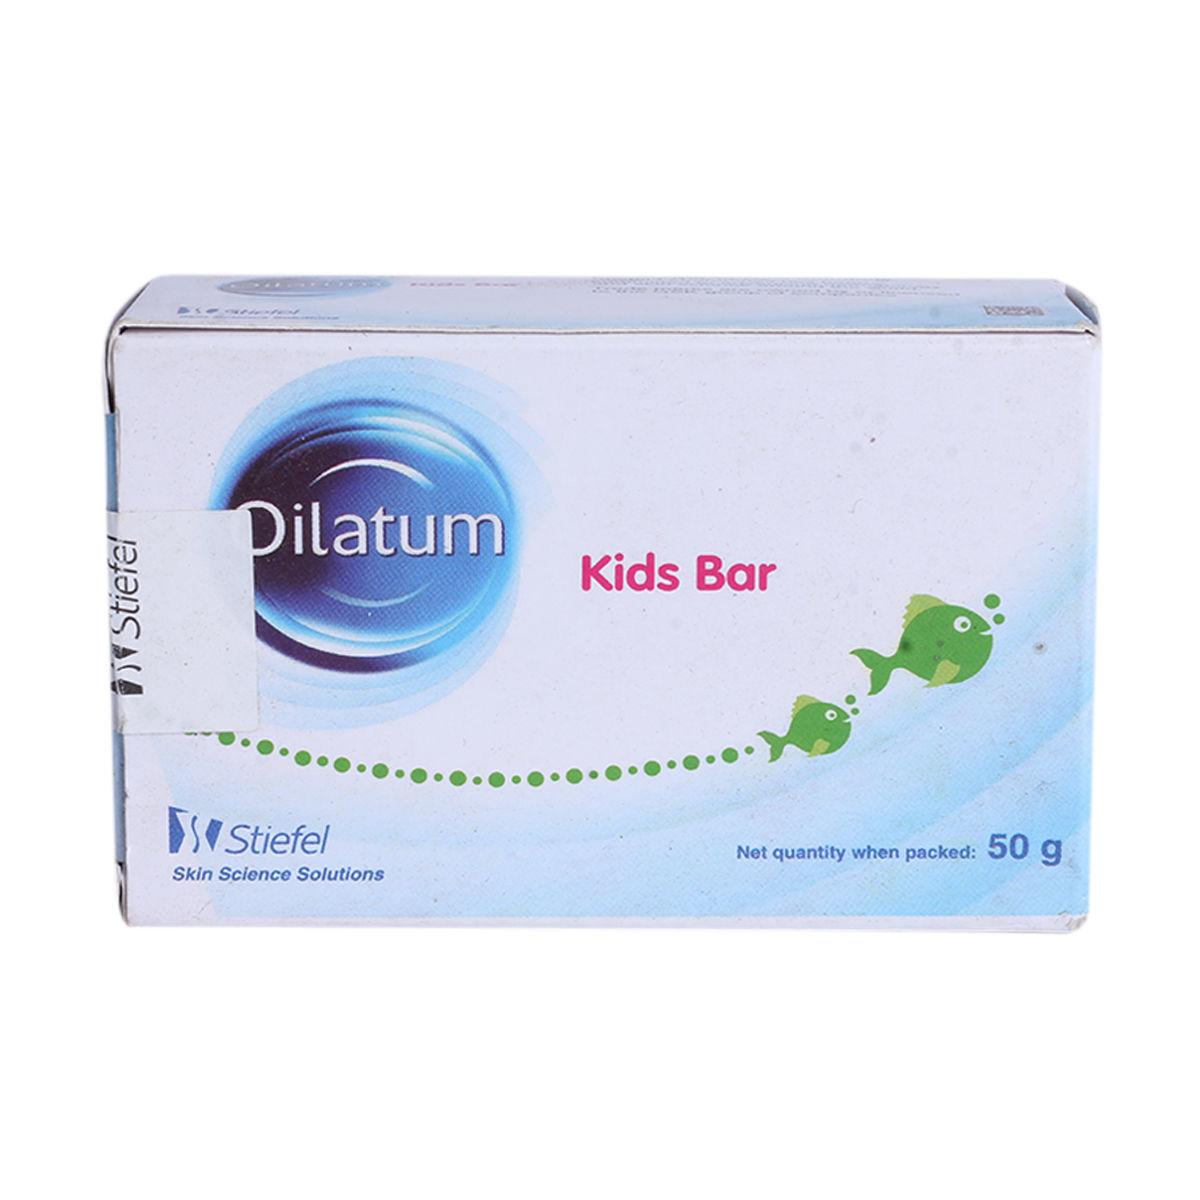 Oilatum Bar, 50 gm, Pack of 1